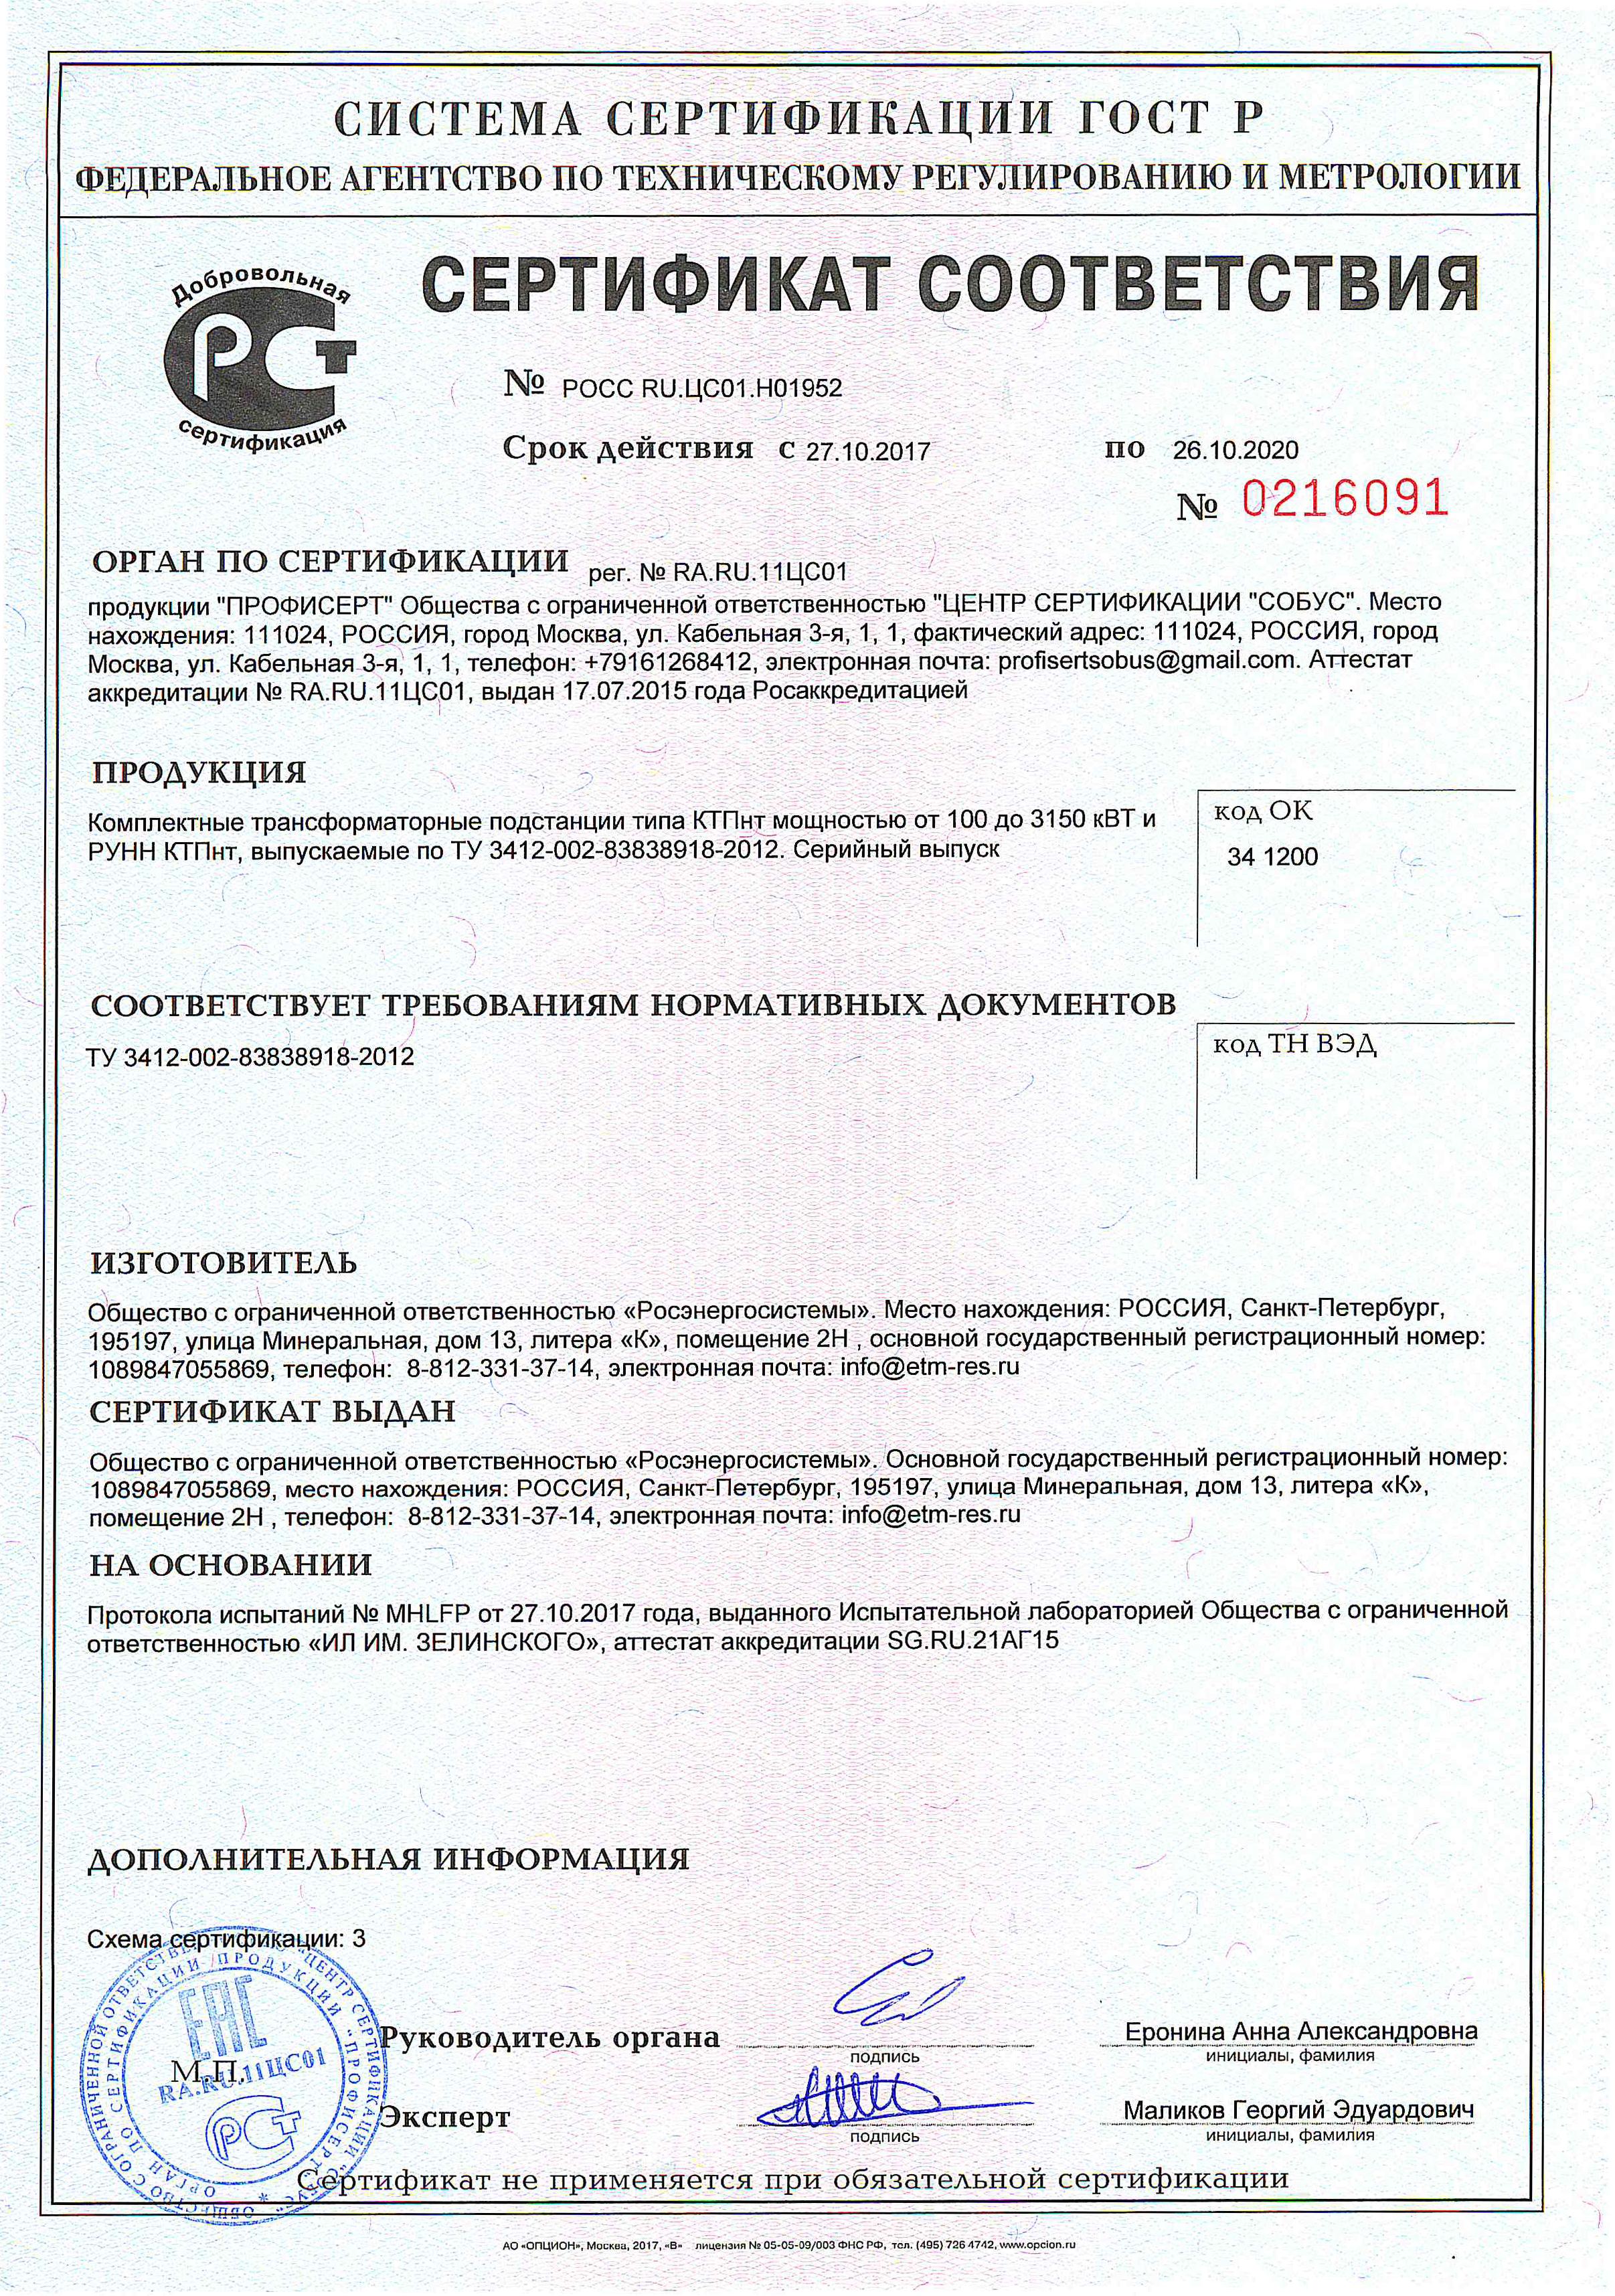 Комплектные трансформаторные подстанции типа КТПнт мощностью от 160 кВА до 2500 кВА